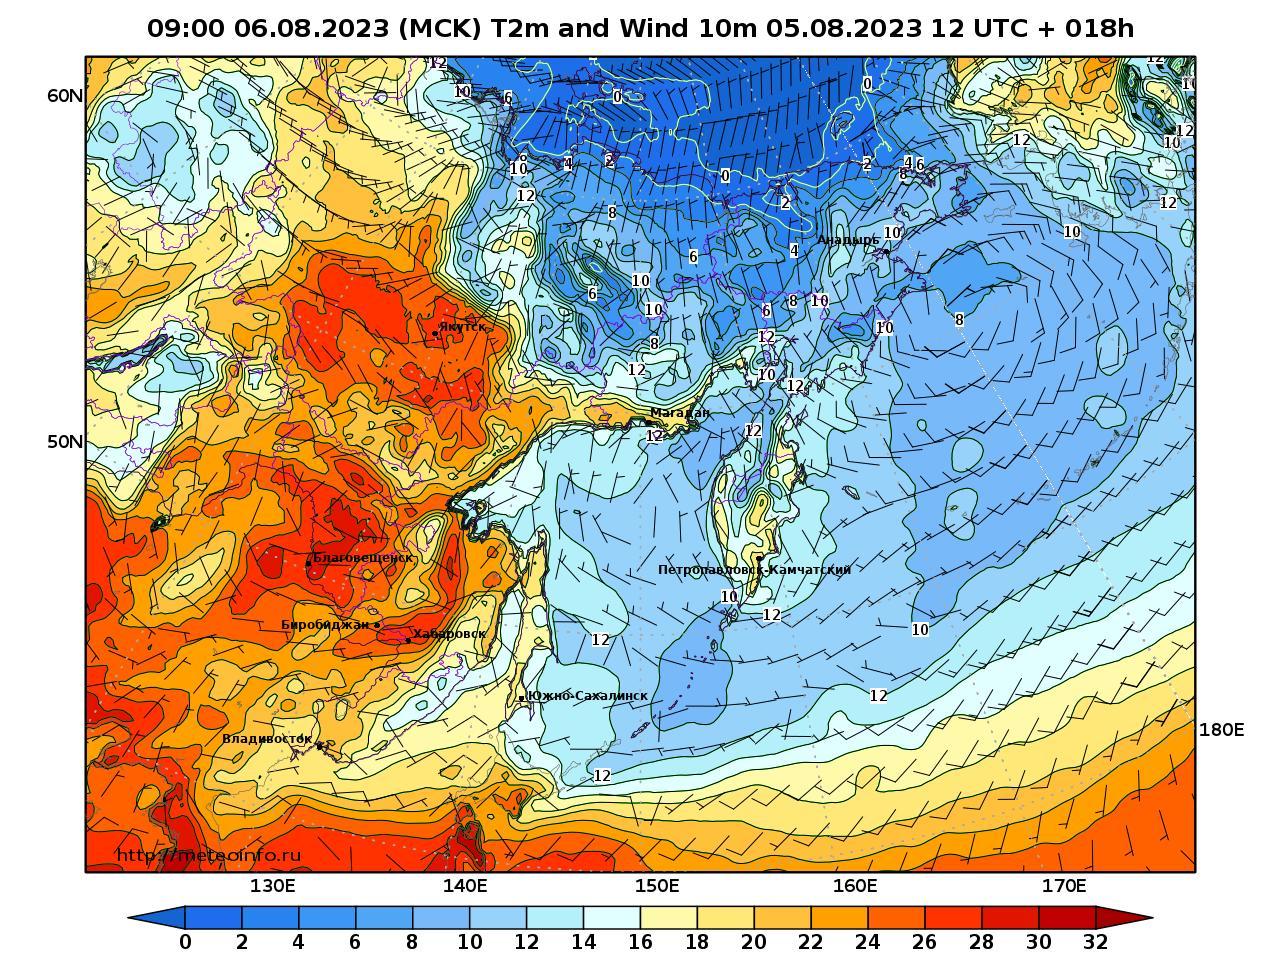 Дальний Восток, прогностическая карта приземная температура, заблаговременность прогноза 18 часов